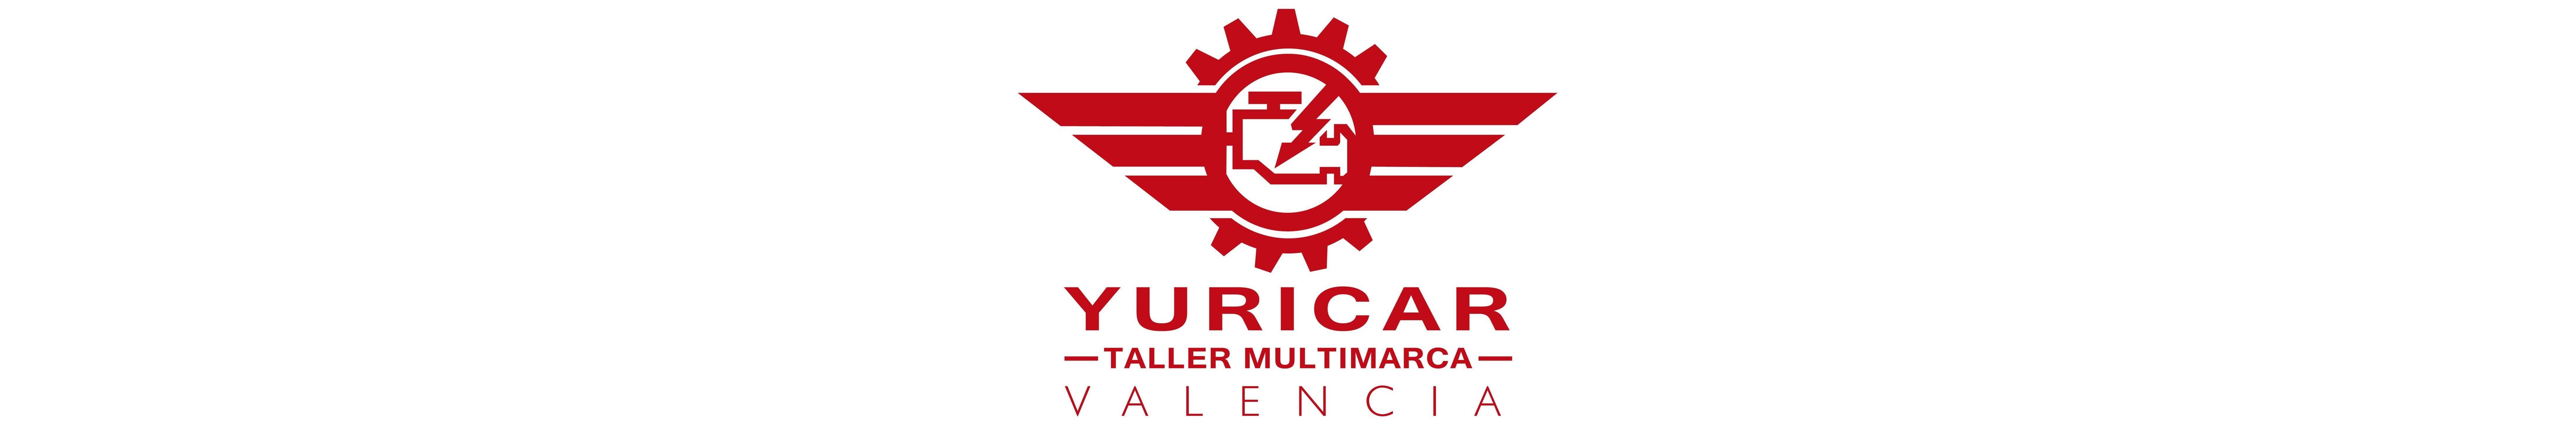 Mecánica general, diagnosis, electrónica. Talleres Yuricar